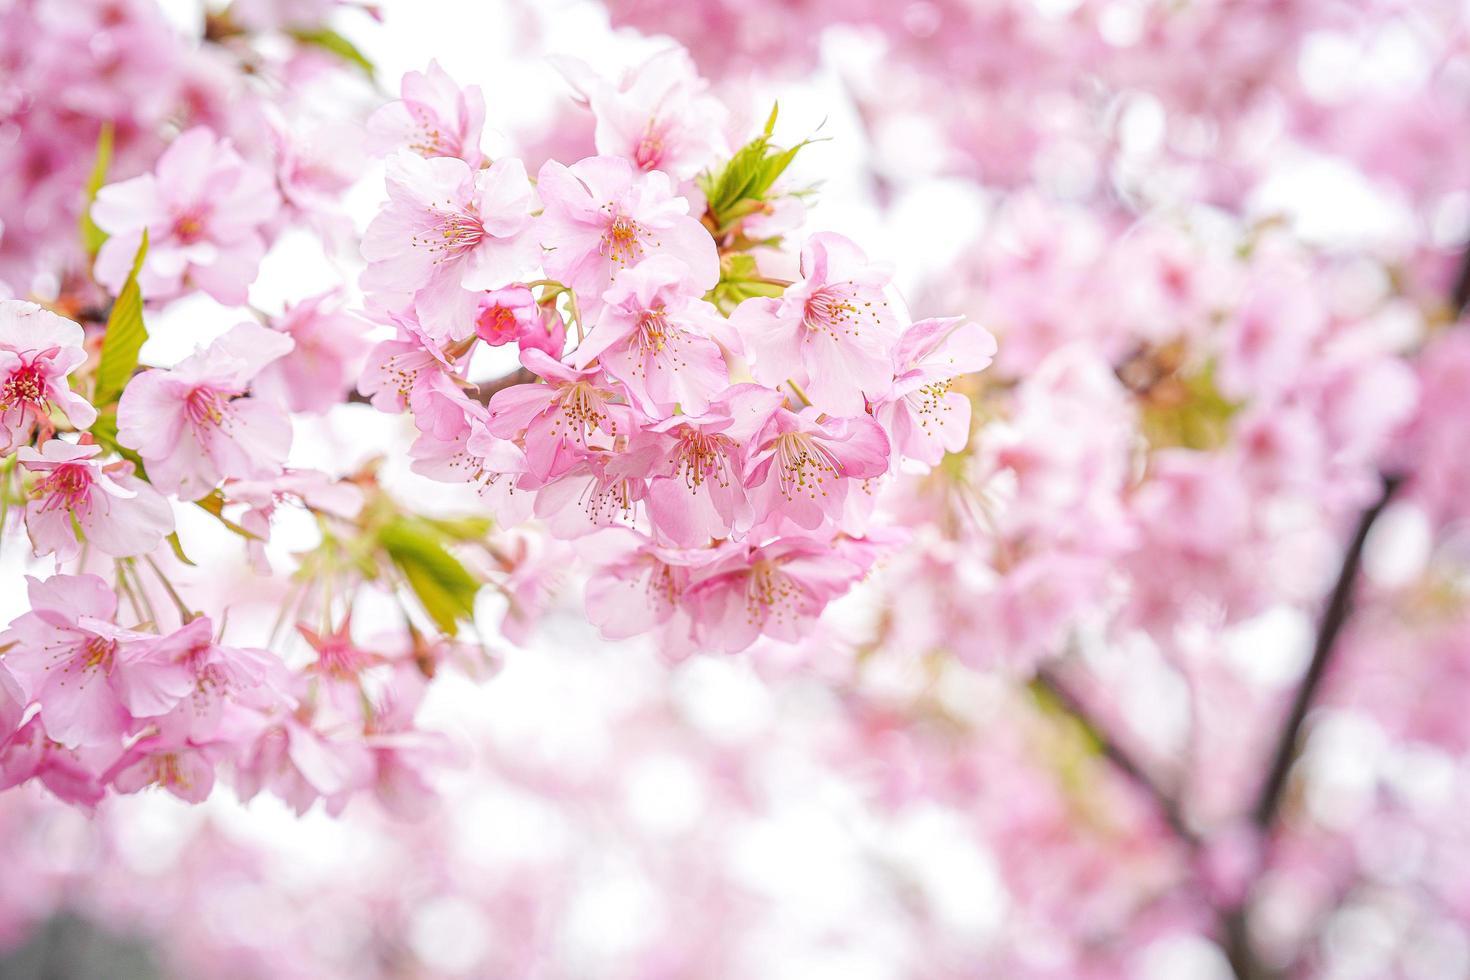 rosa Sakura-Kirschblütenblume foto